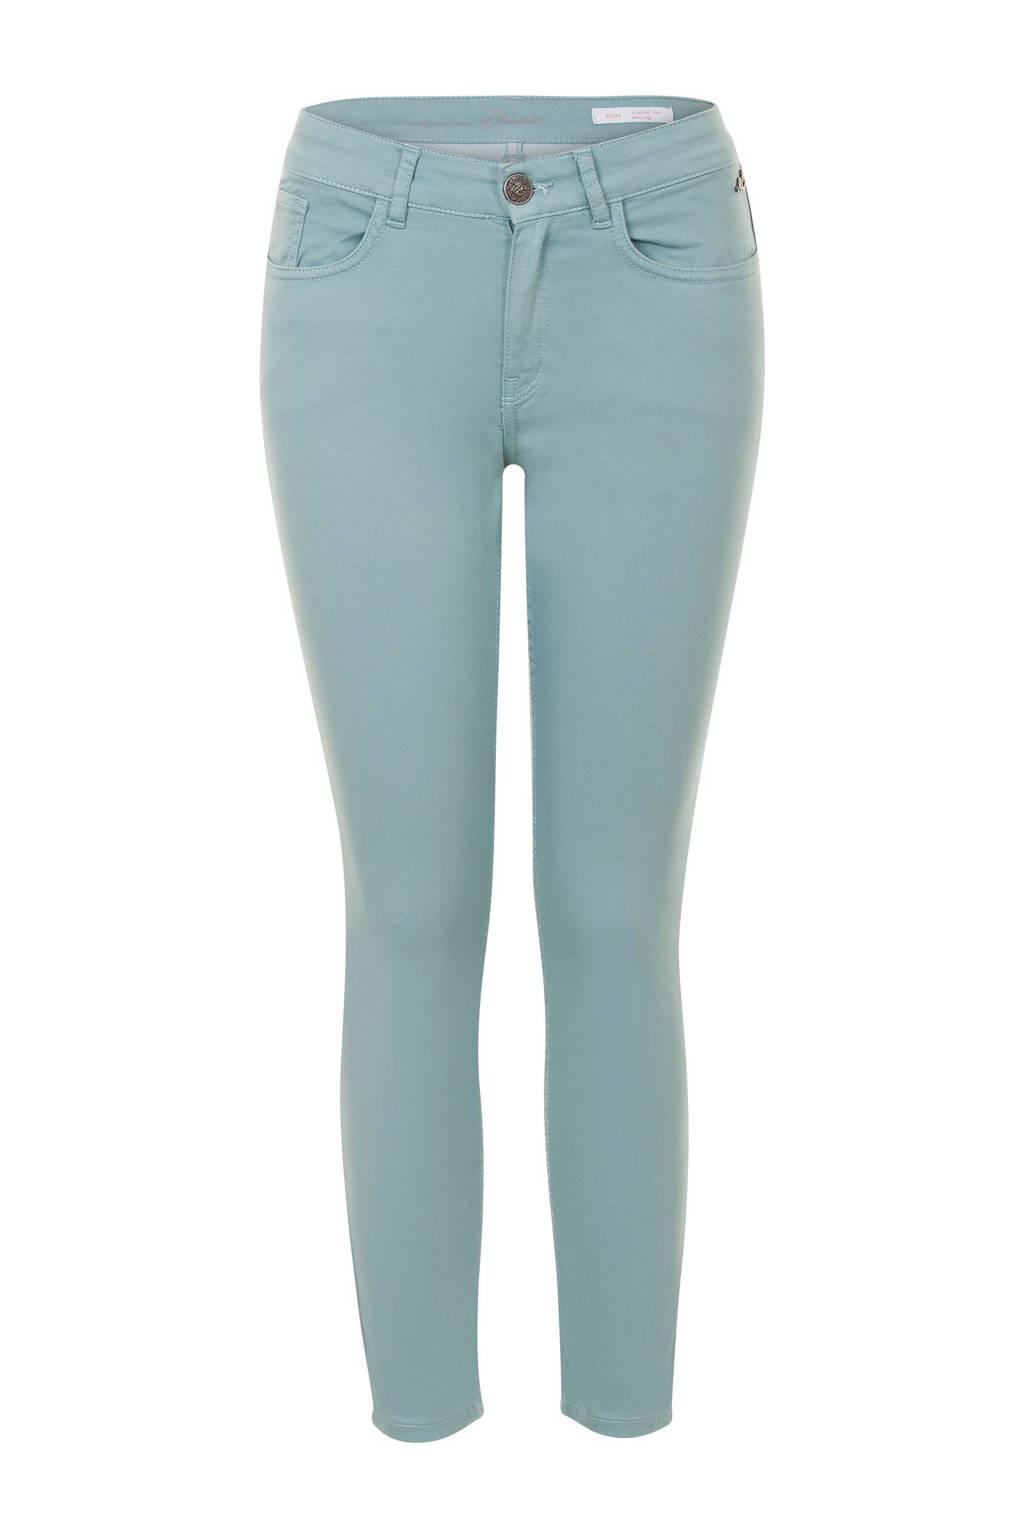 Miss Etam Regulier Regulier cropped slim fit broek lichtblauw, Lichtblauw